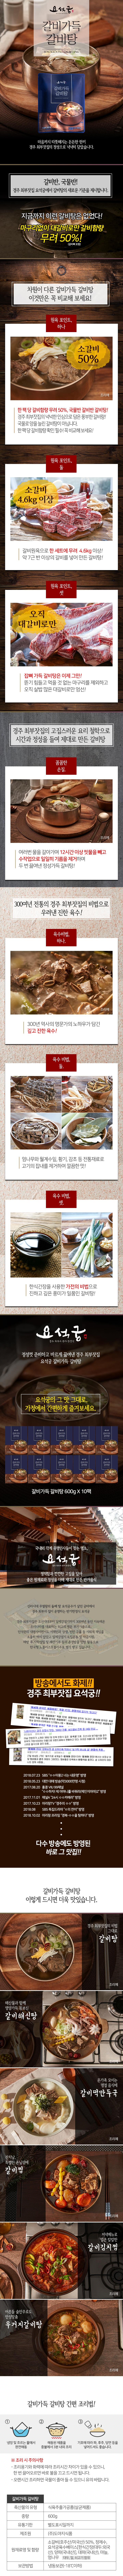 요석궁갈비탕_20190405.jpg